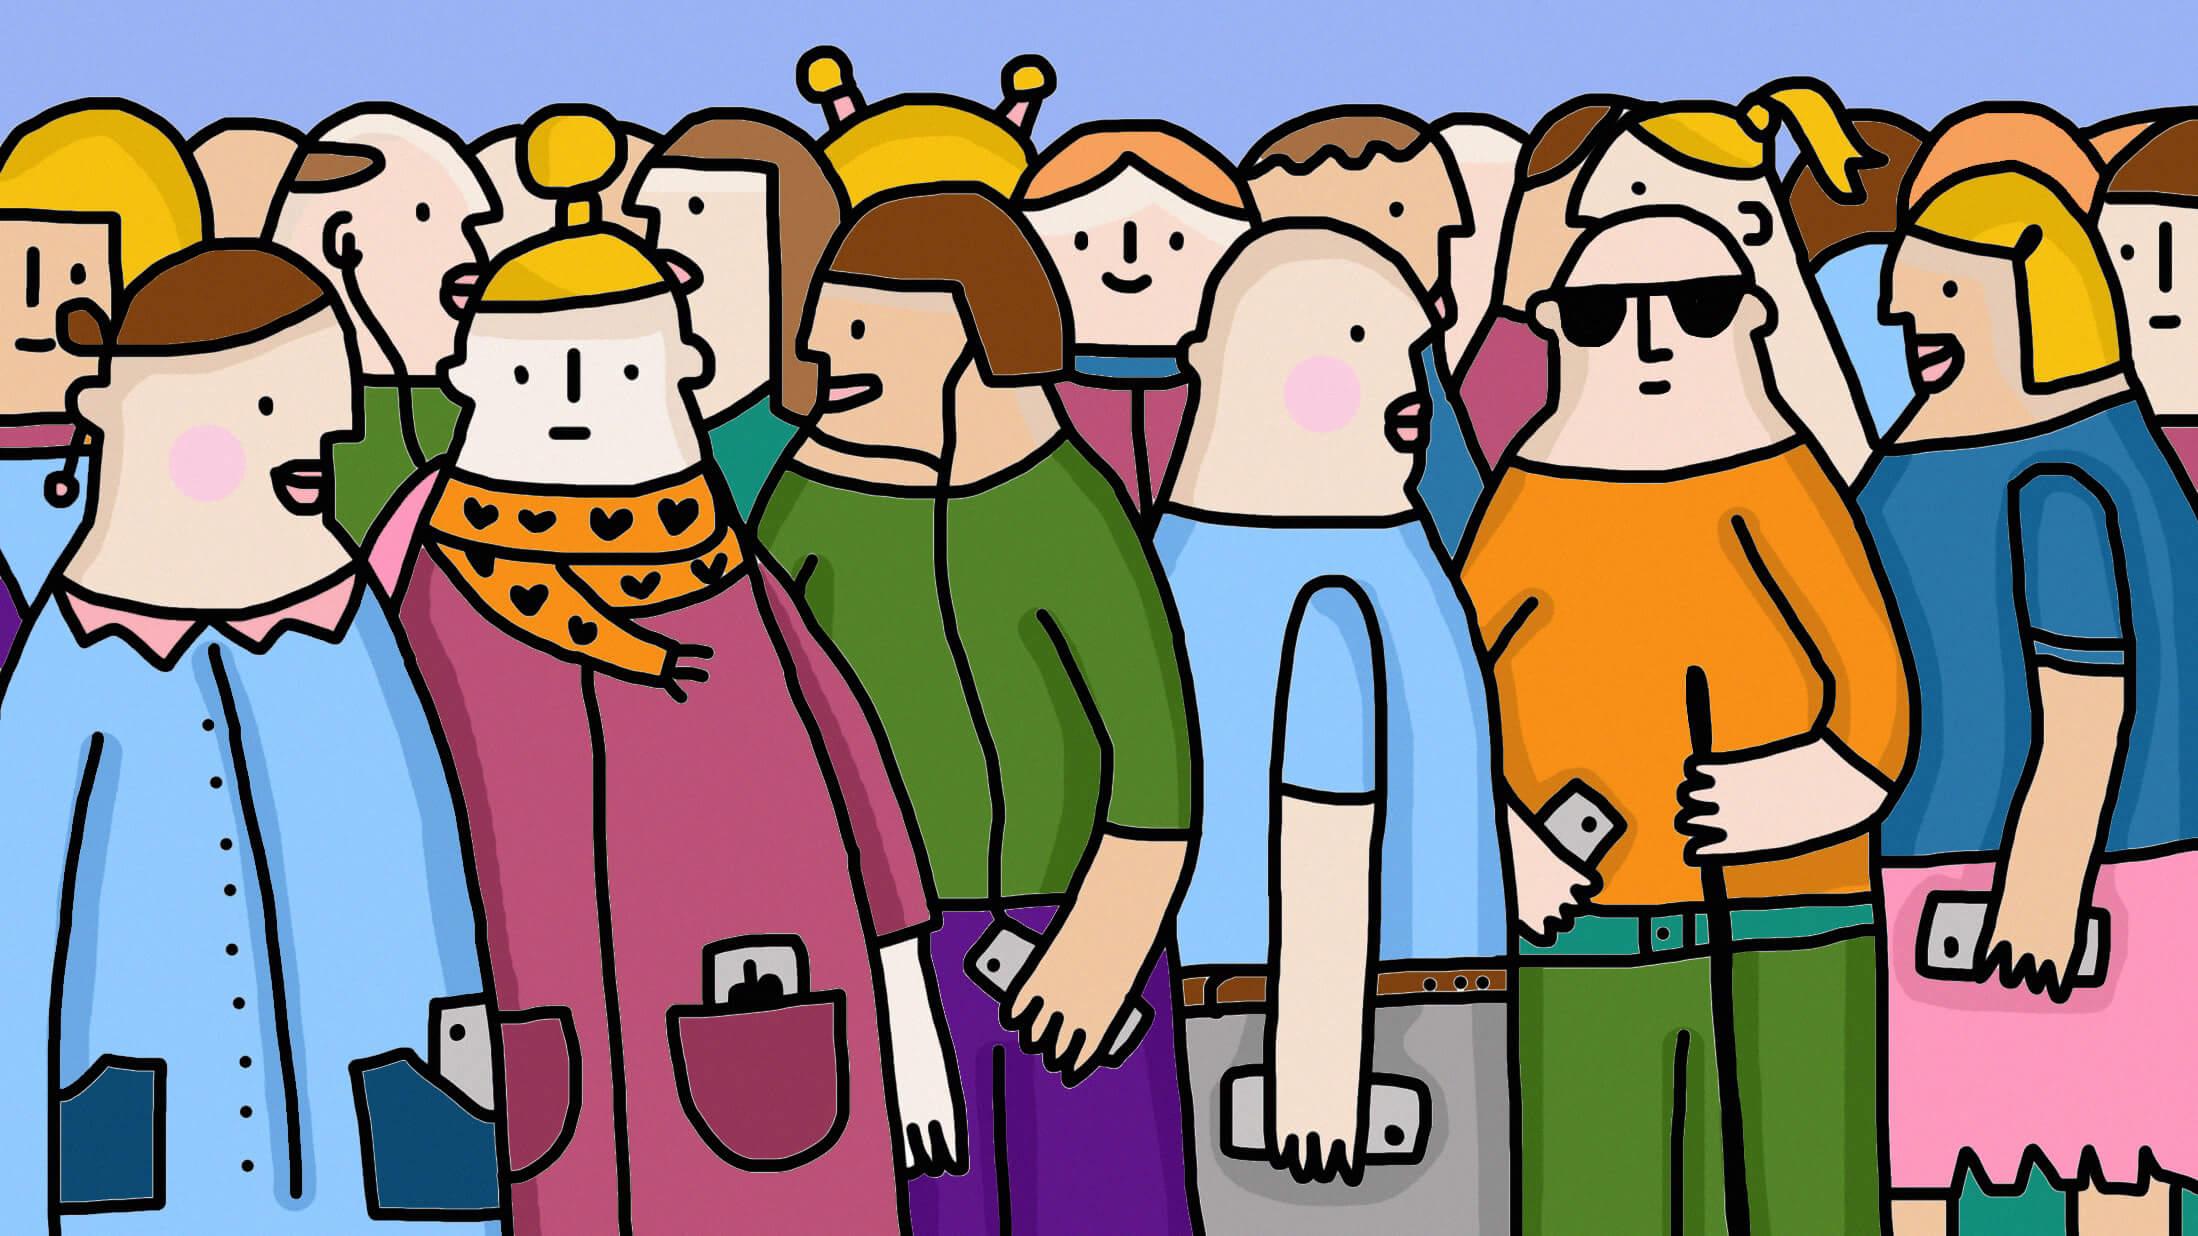 Zuzanna Tokarska ilustracja przedstawia tłum ludzi w kolorowych strojach z telefonami komórkowymi w rękach. Wśród nich stoi osoba z białą laskąi ceimnych okularach. Również trzyma w ręcę telefon.